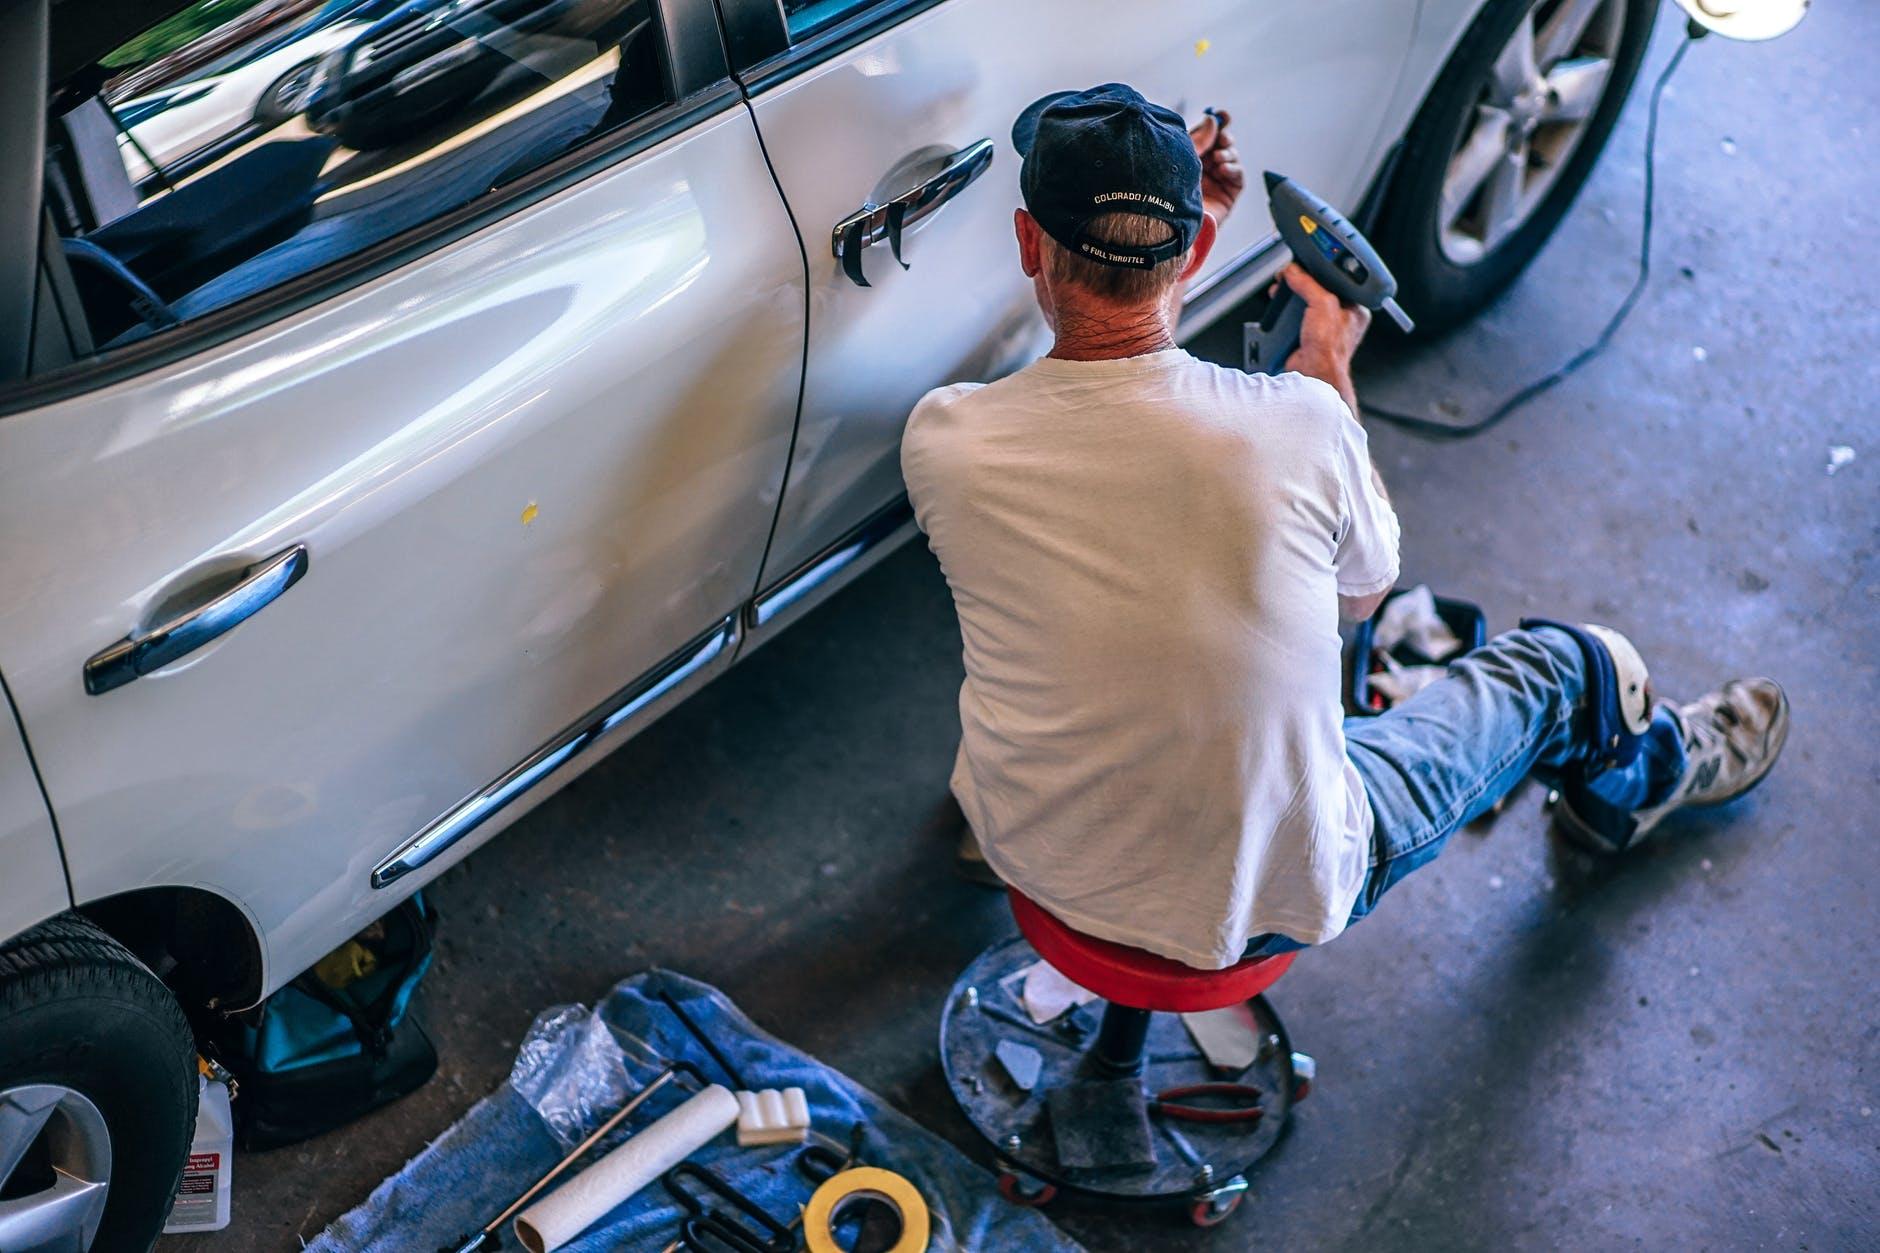 General Maintenance and Repairs